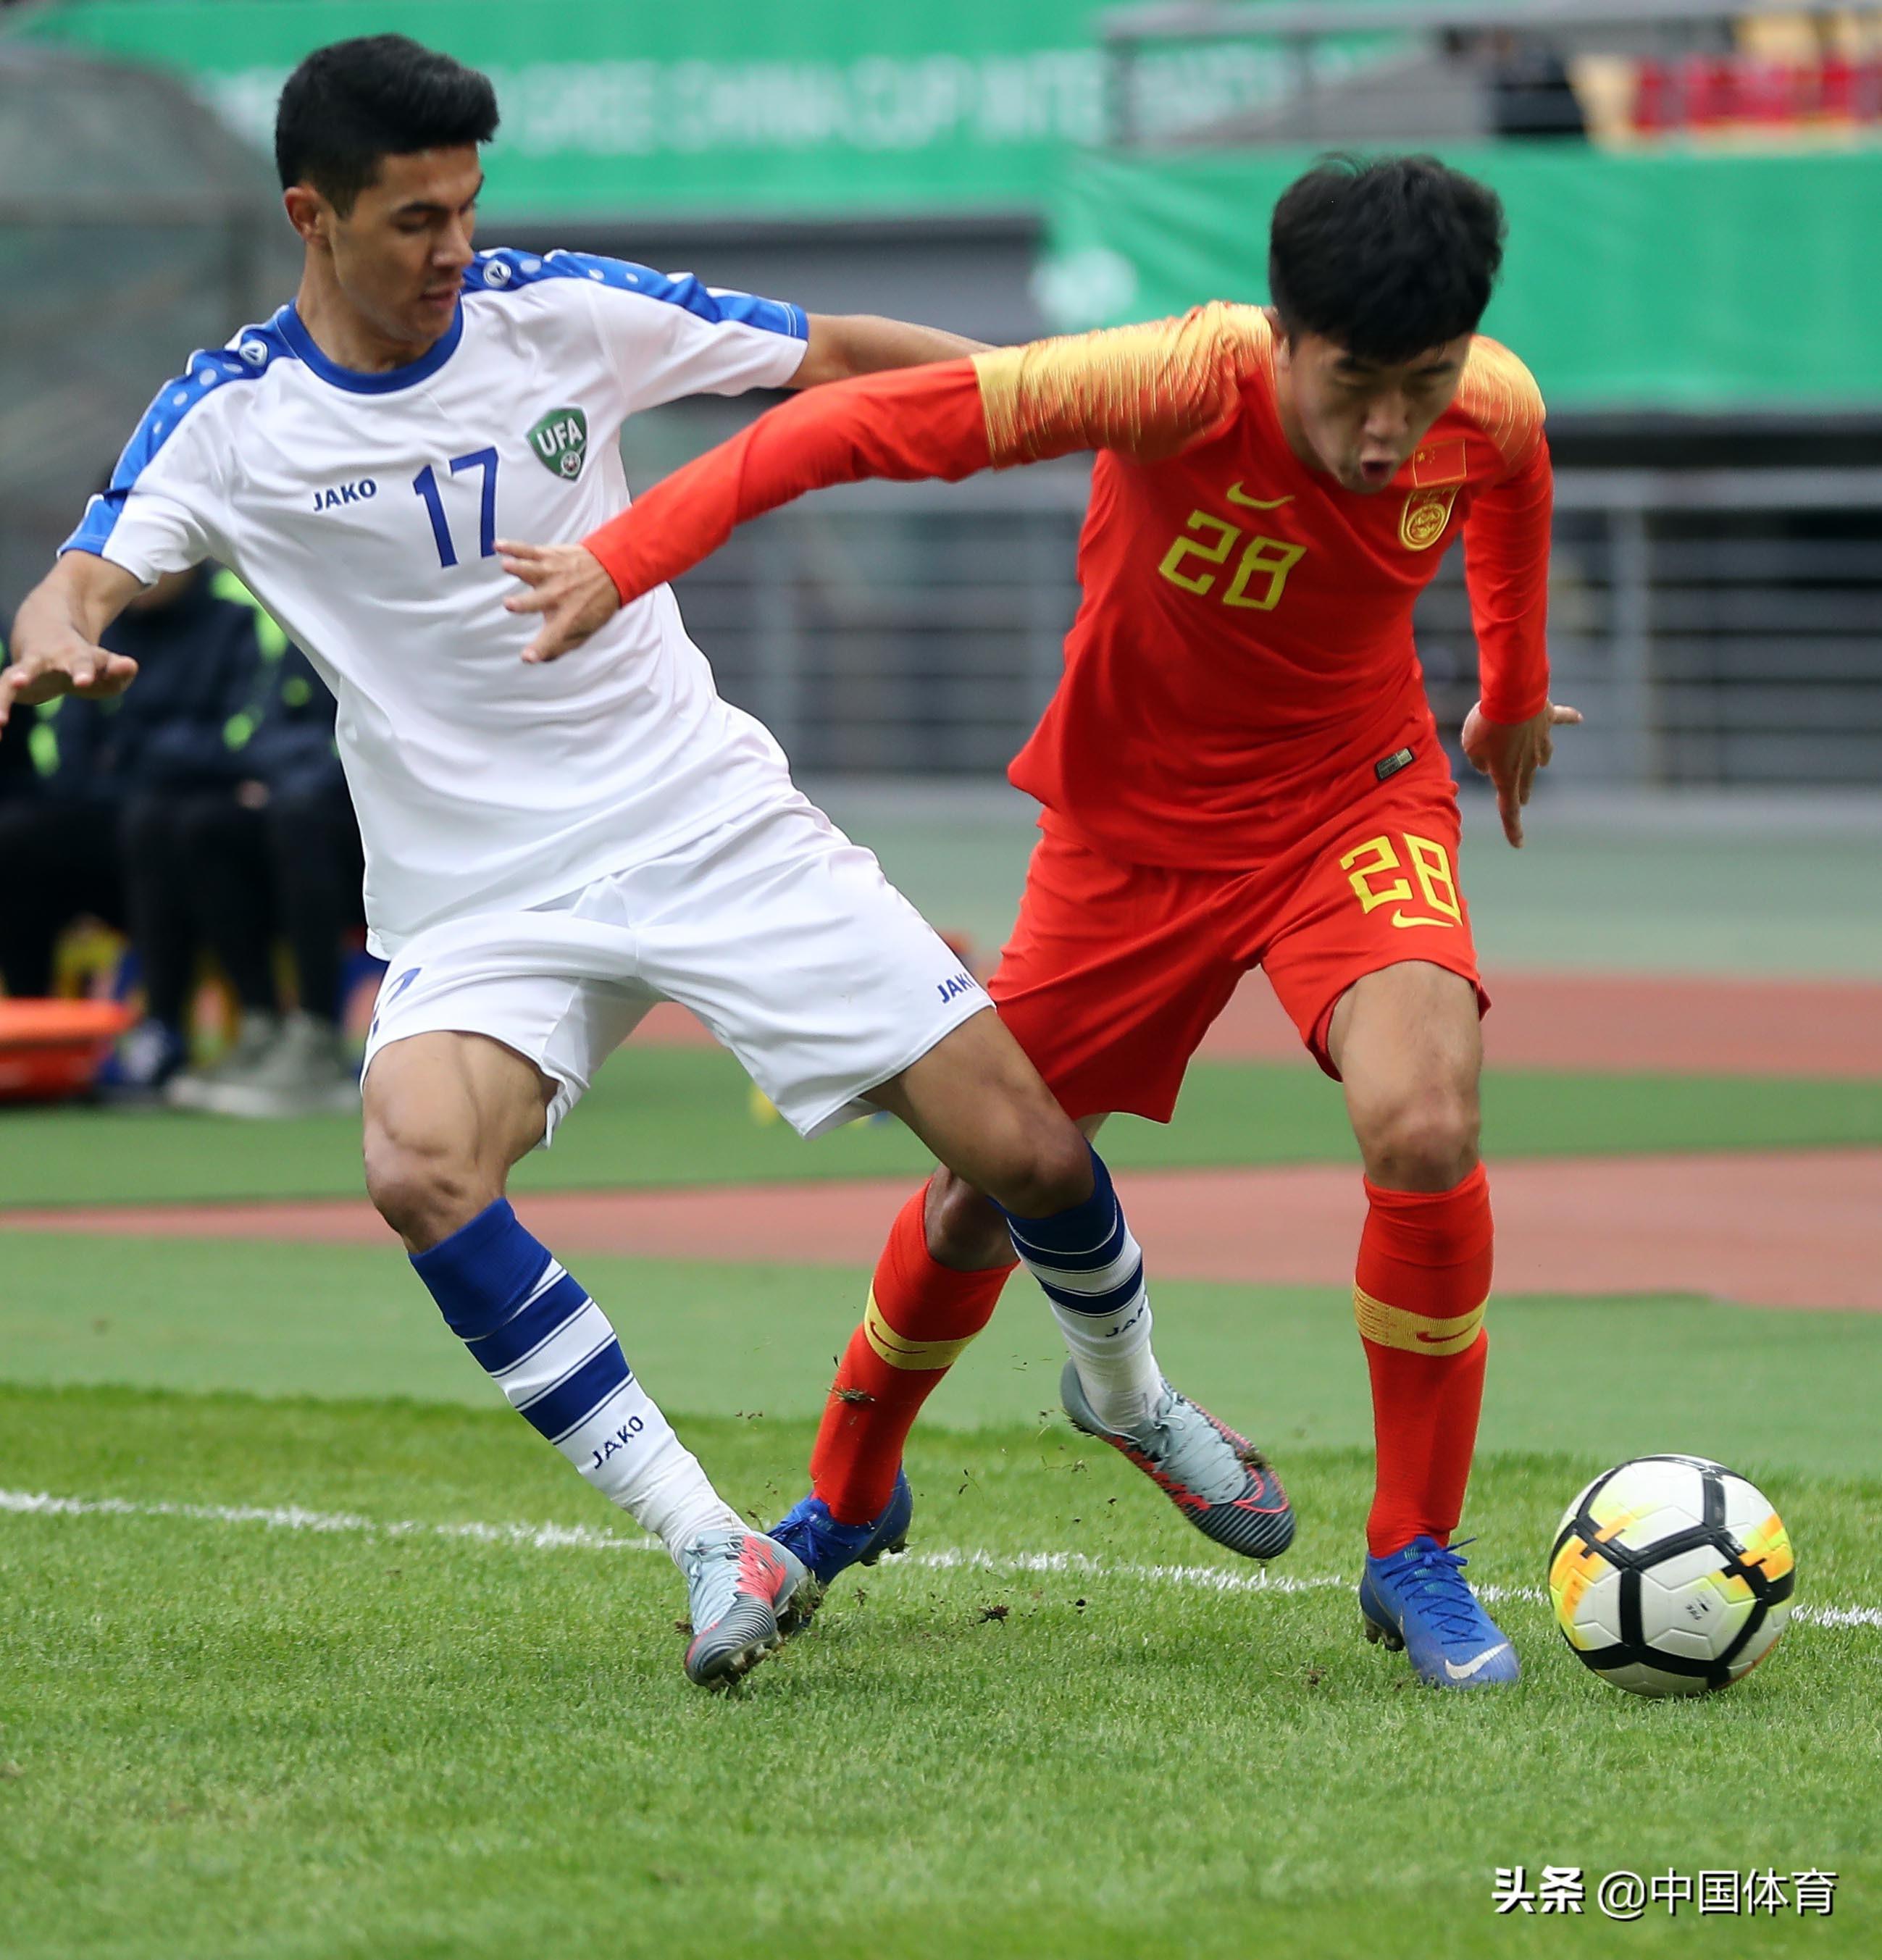 2019中国杯足球赛季军战 中国不敌对手名列第